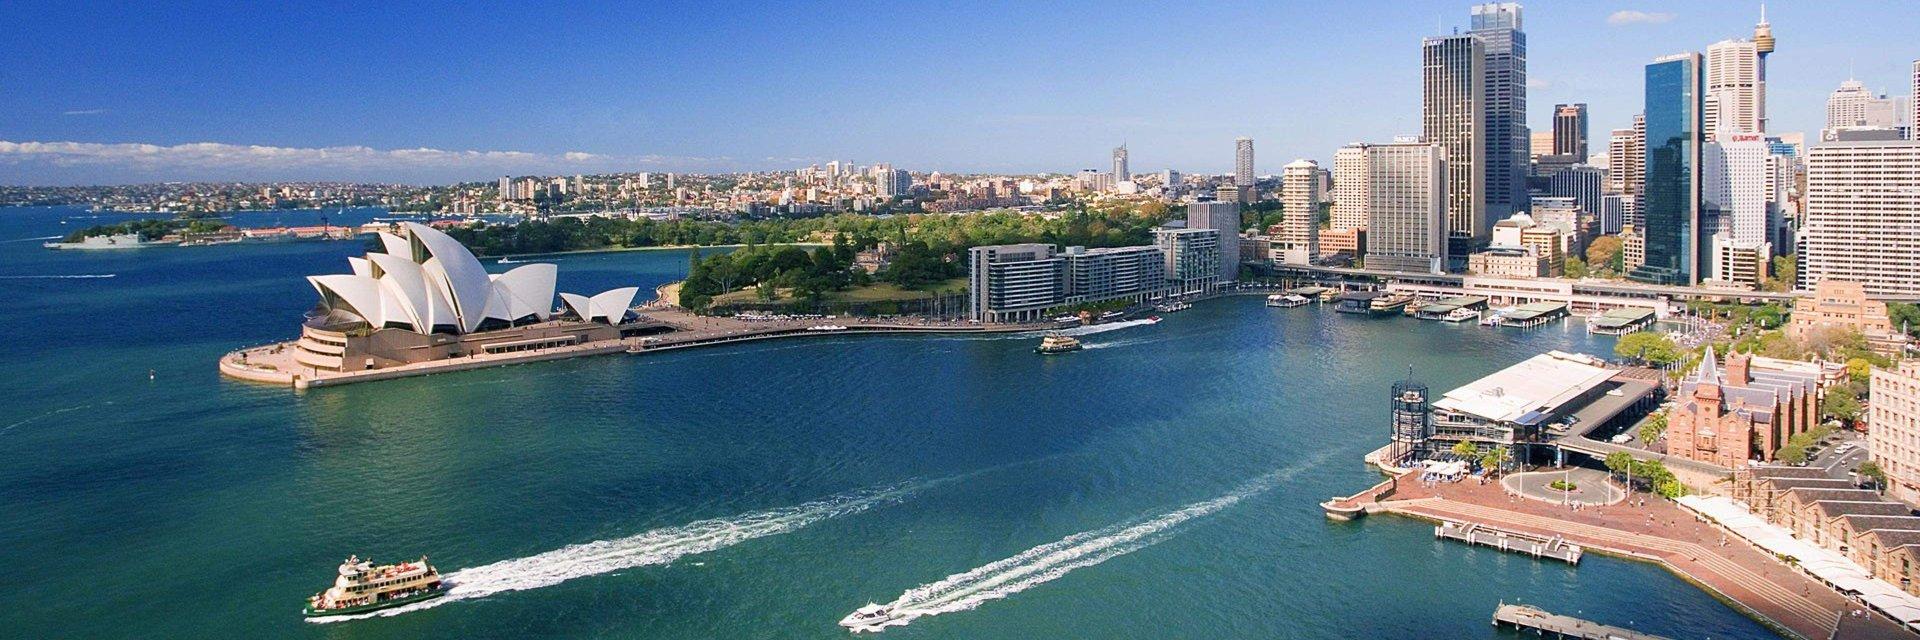 Туры выходного дня на курорт Брум (Австралия) 2019 из Москвы - цены, путевки на выходные на курорте Брум - ПАКС